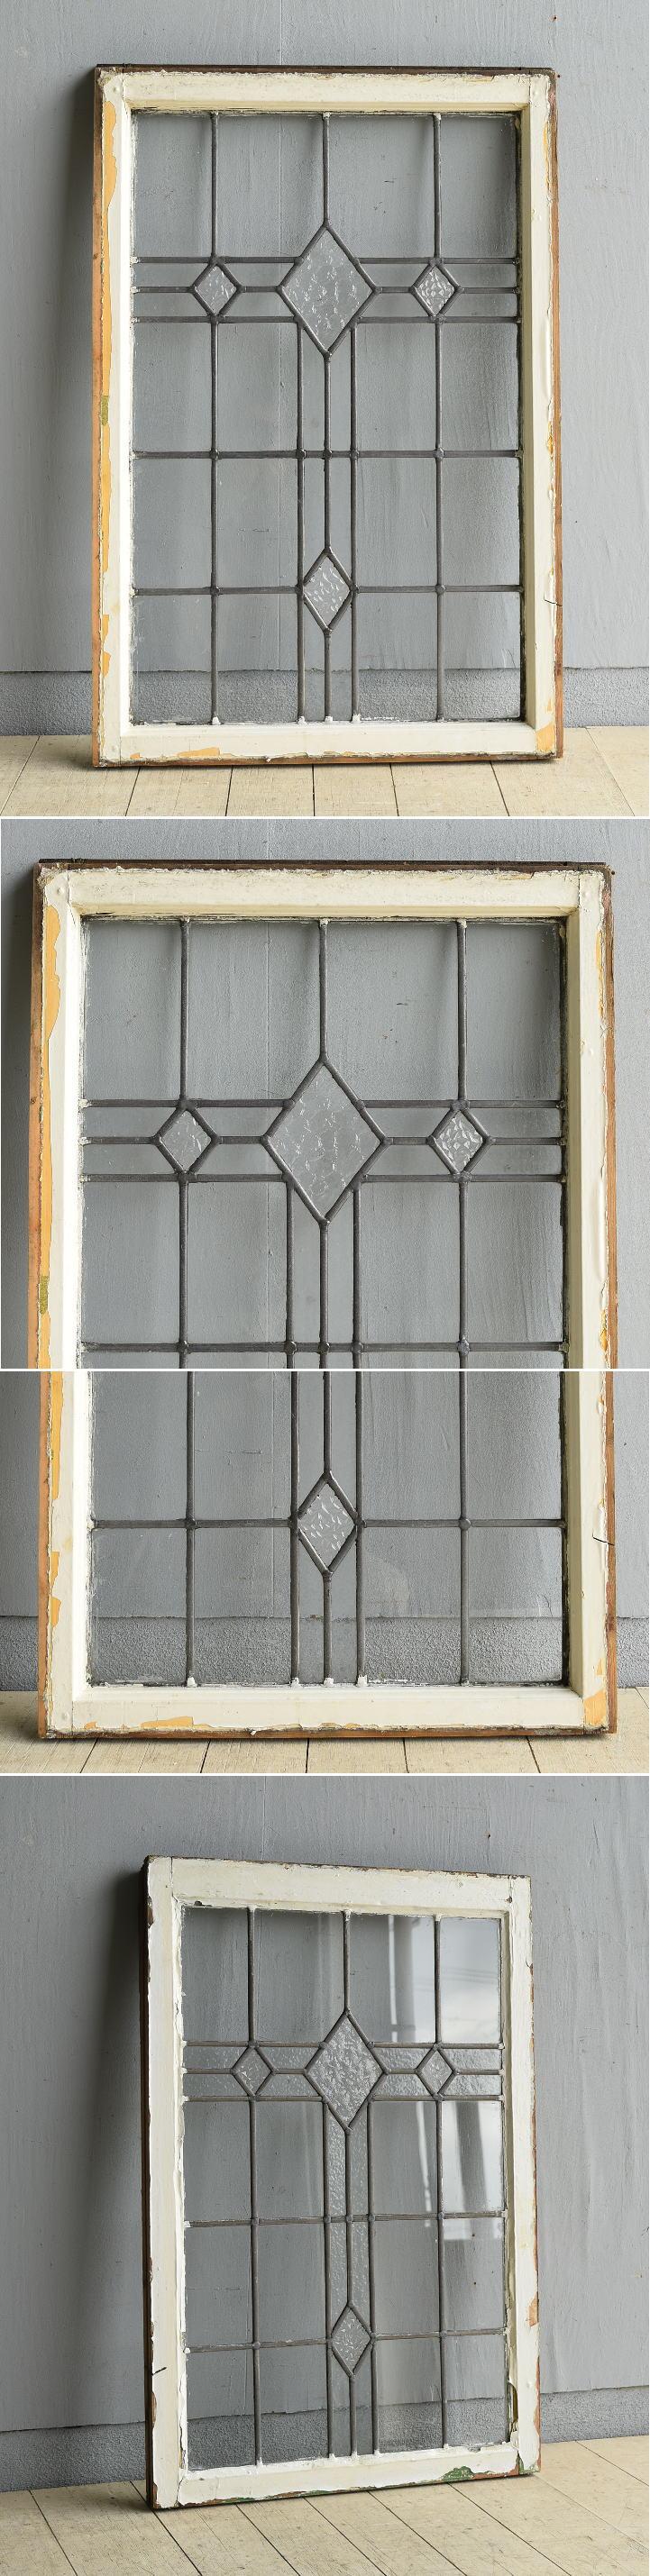 イギリス アンティーク 窓 無色透明 8014